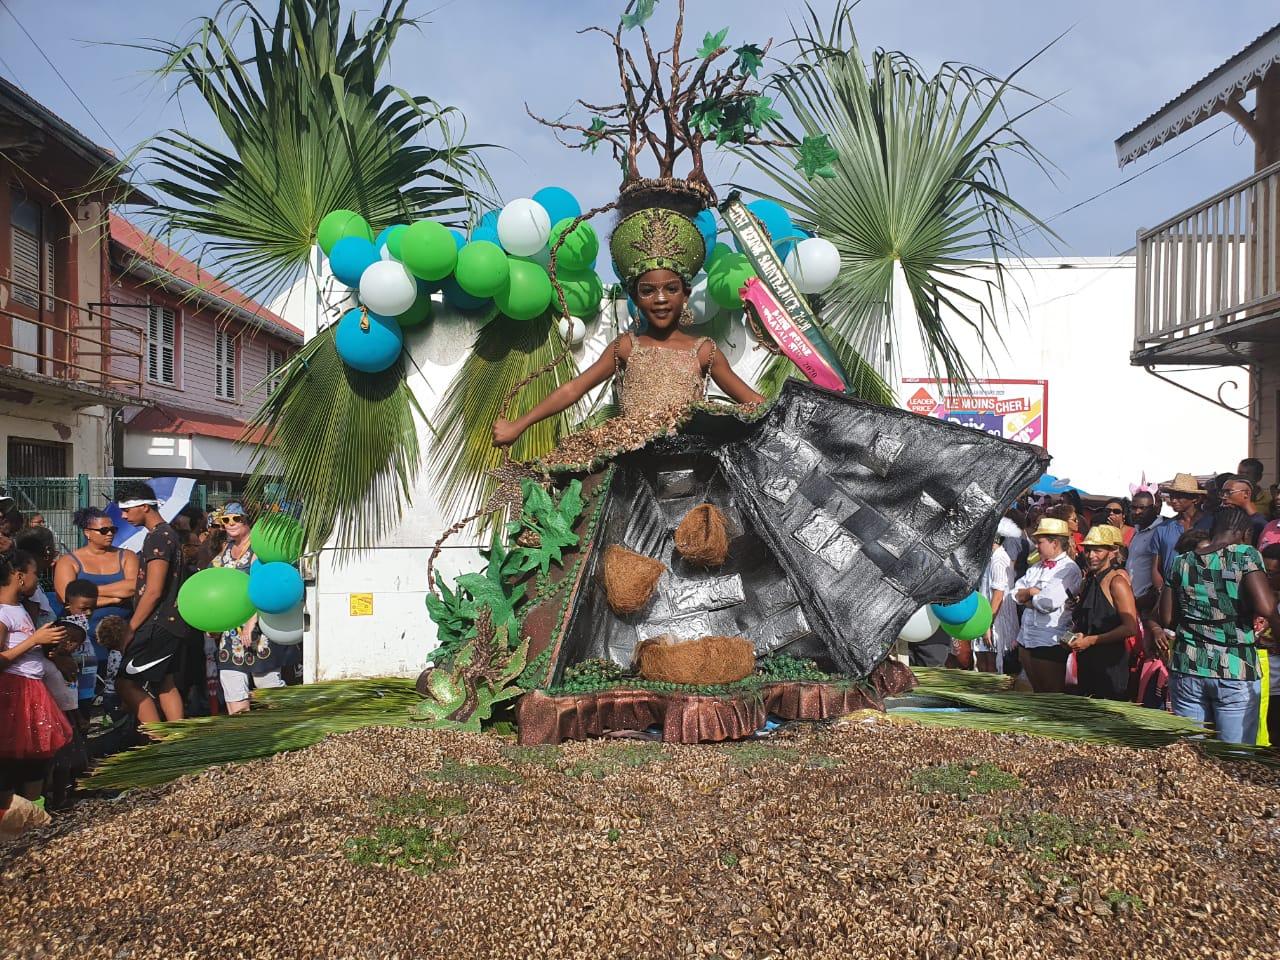 La ville de Ducos digitalise son élection des rois et reines du carnaval